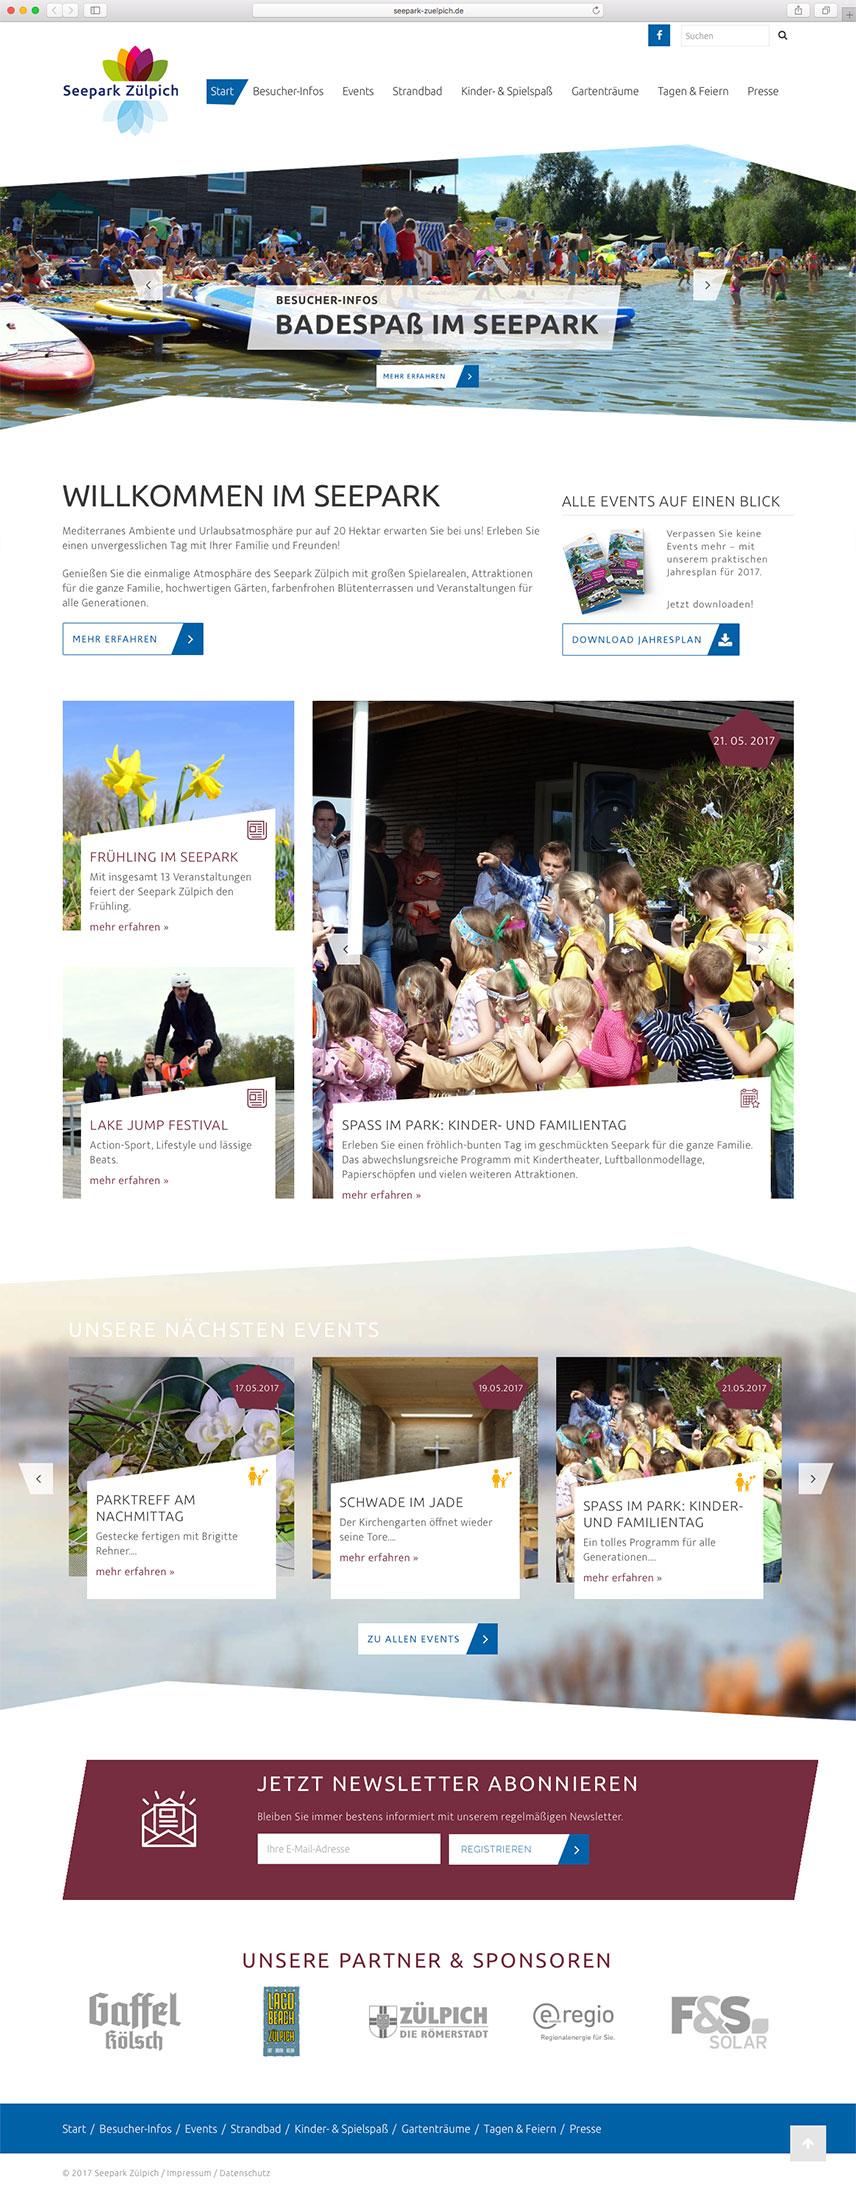 Startseite der Website für den Seepark Zülpich